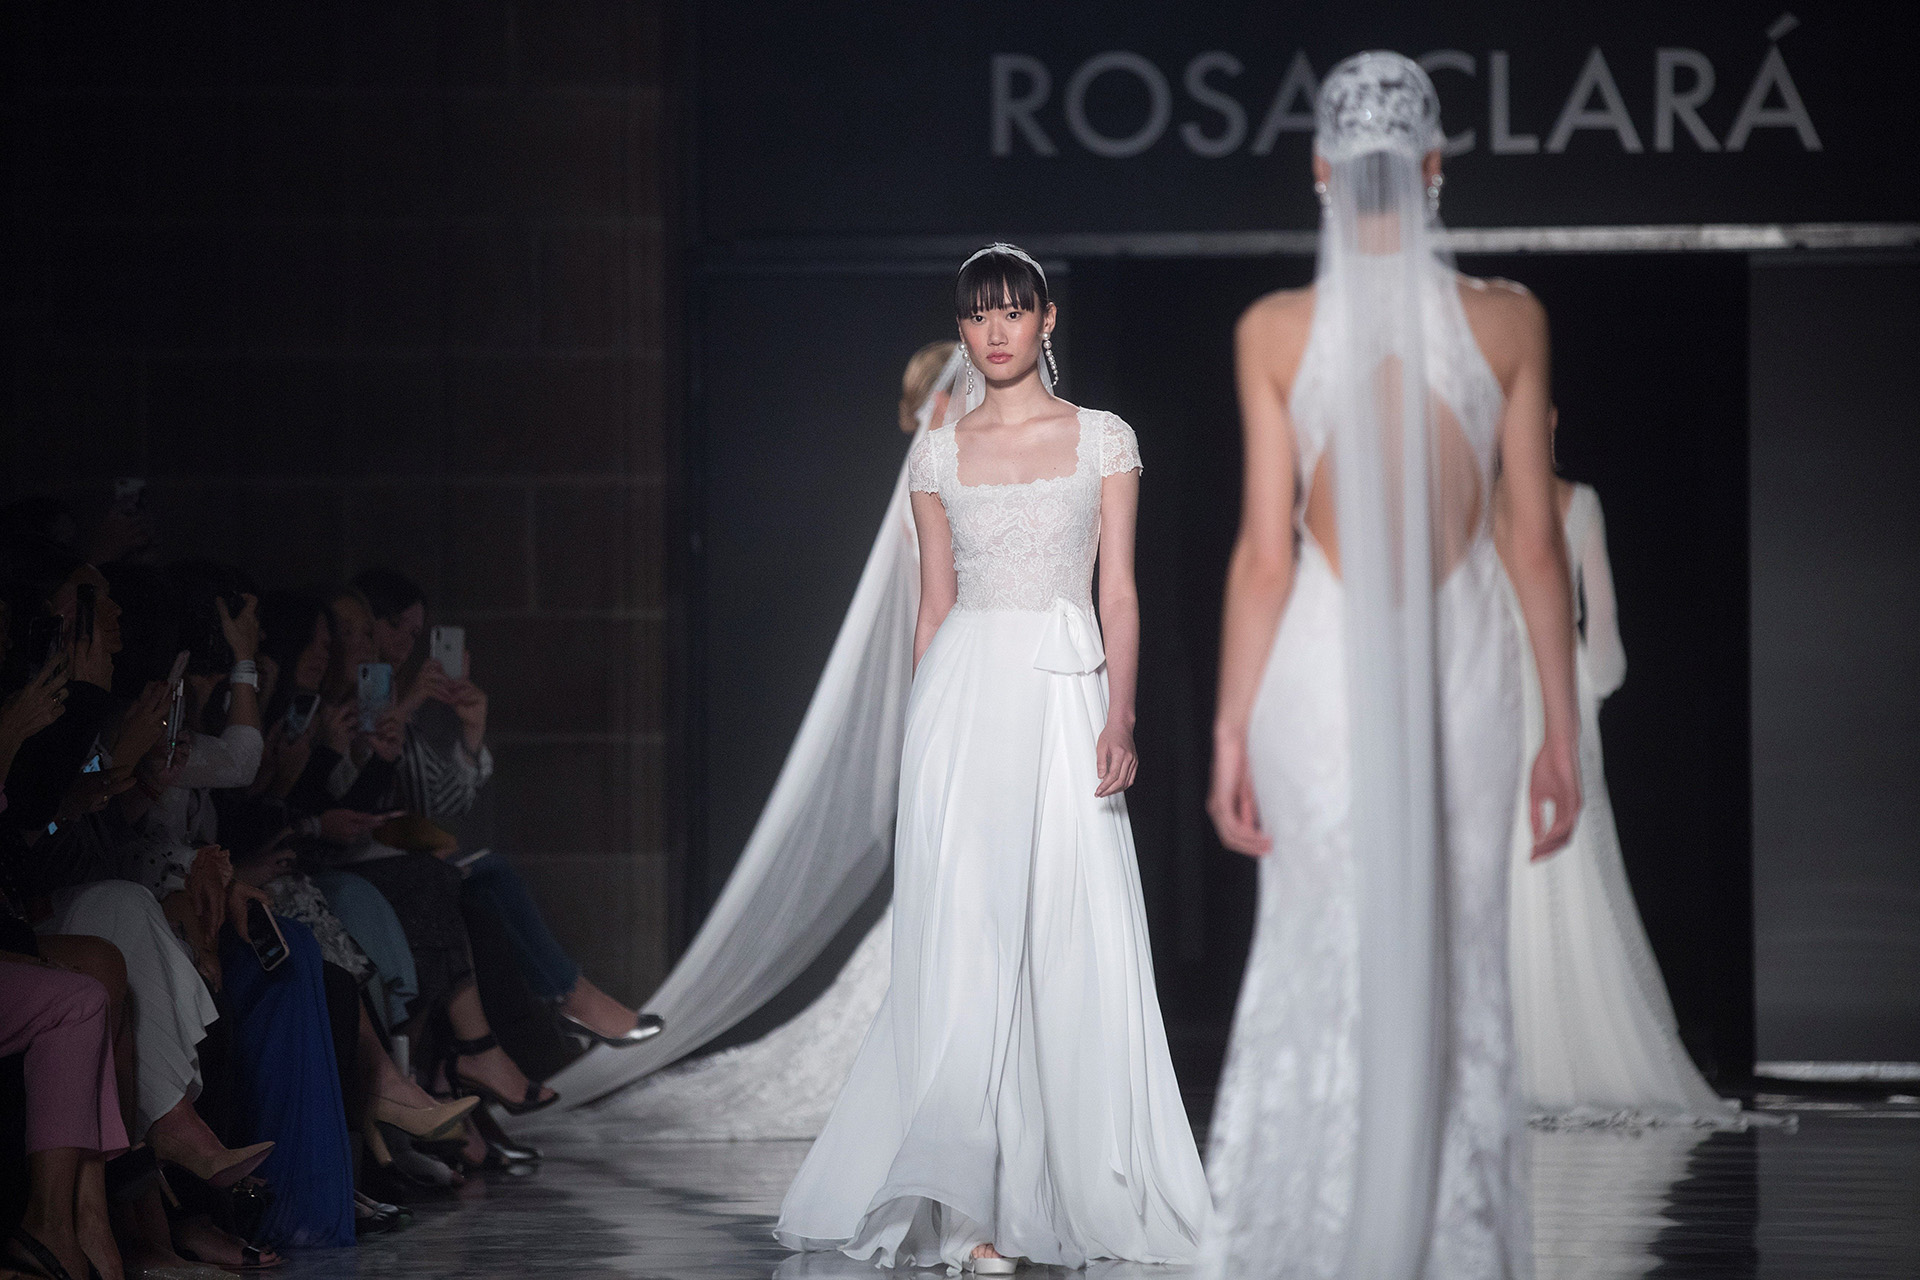 La firma Rosa Clará presentó su nueva colección de moda nupcial para 2020 en la Valmont Barcelona Bridal Fashion Week, en un desfile que ha tenido lugar en el emblemático edificio de La Llotja de Mar de la capital catalana con exquisitos diseños de novia en blanco que impactaron a todos los presentes. Modelos románticos, clásicos y sexy no dejaron de sorprender en la pasarela de la diseñadora